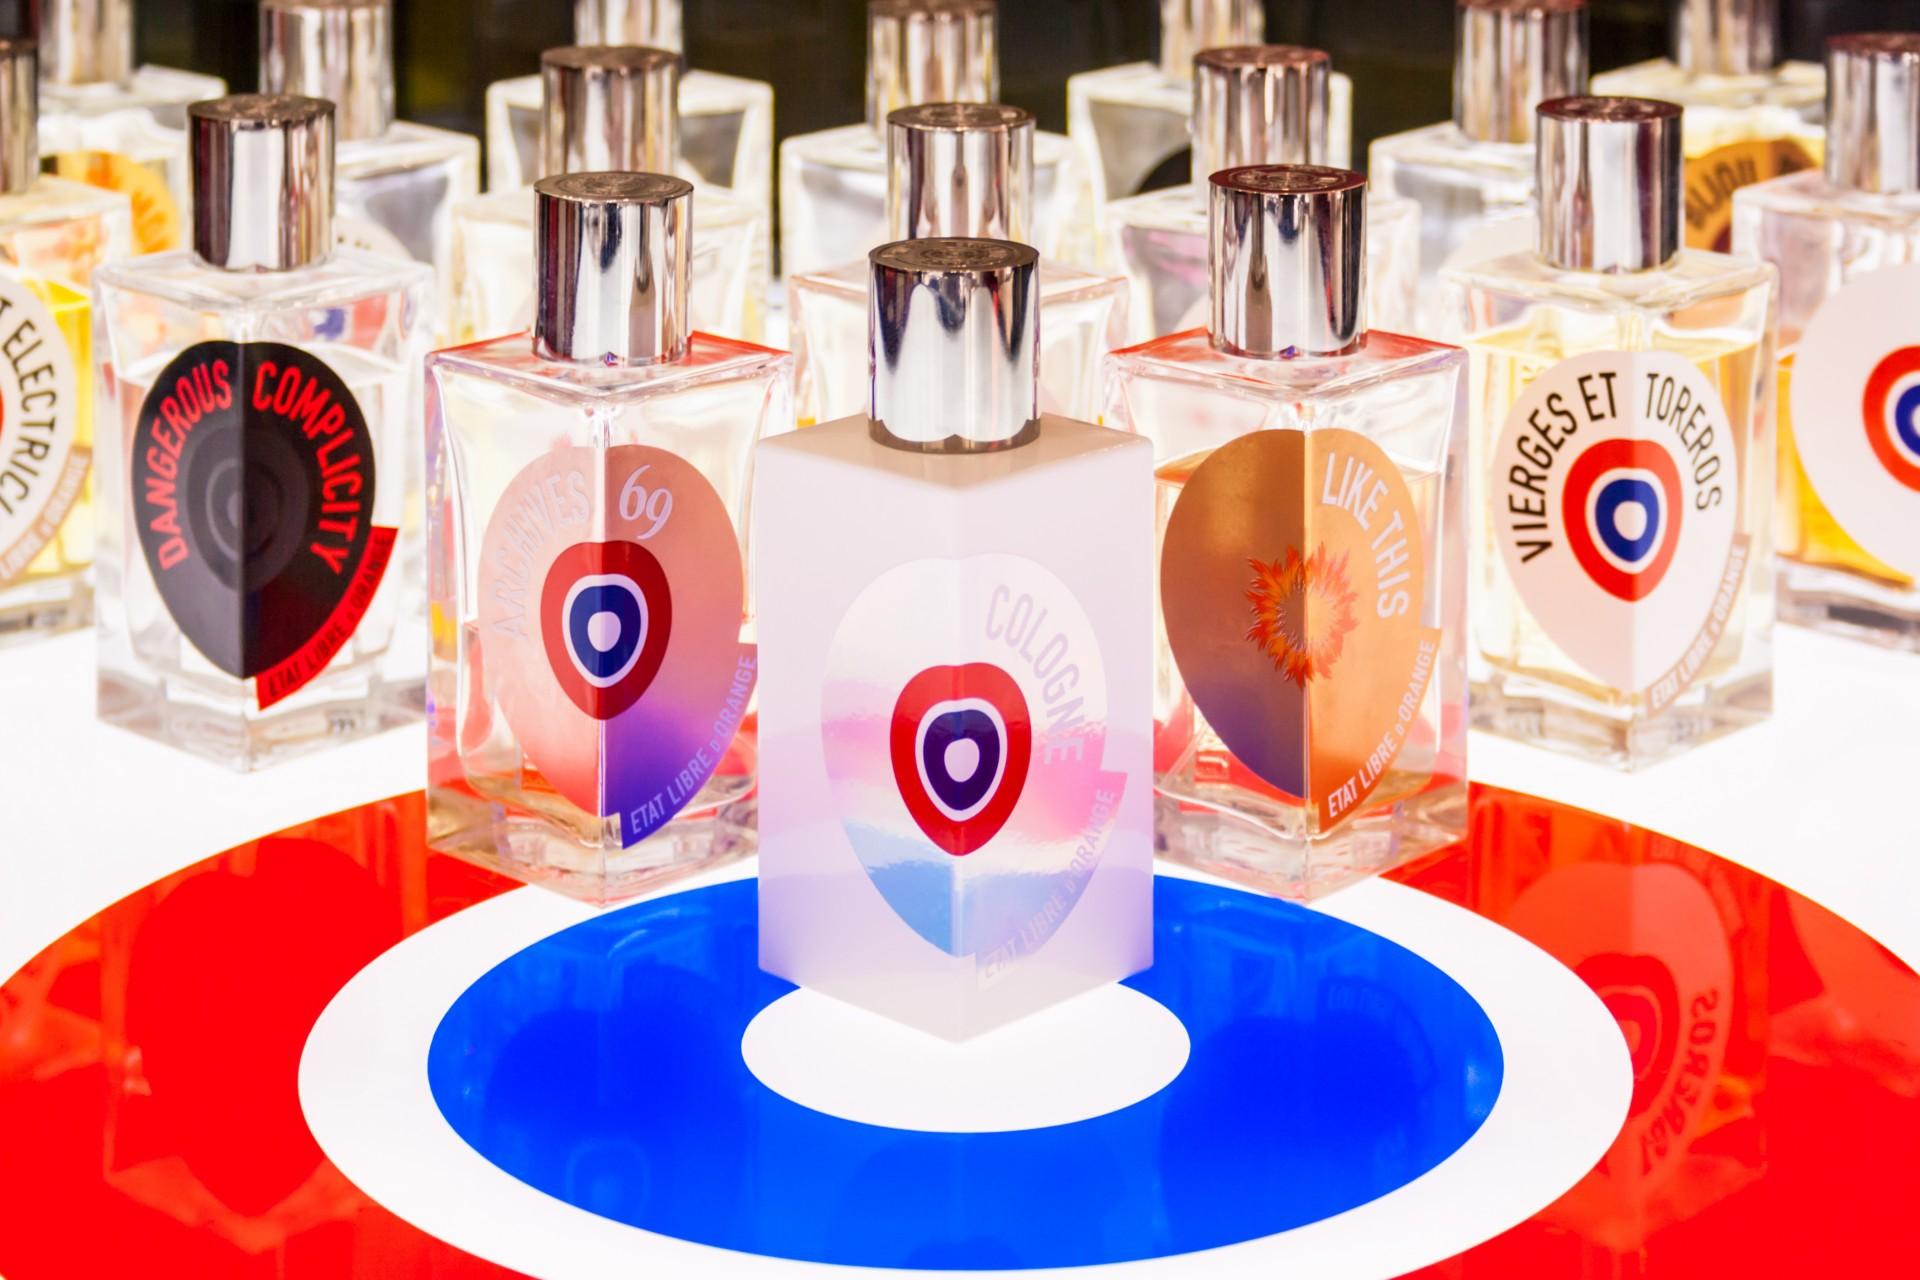 Etat Libre D'Orange Parfums